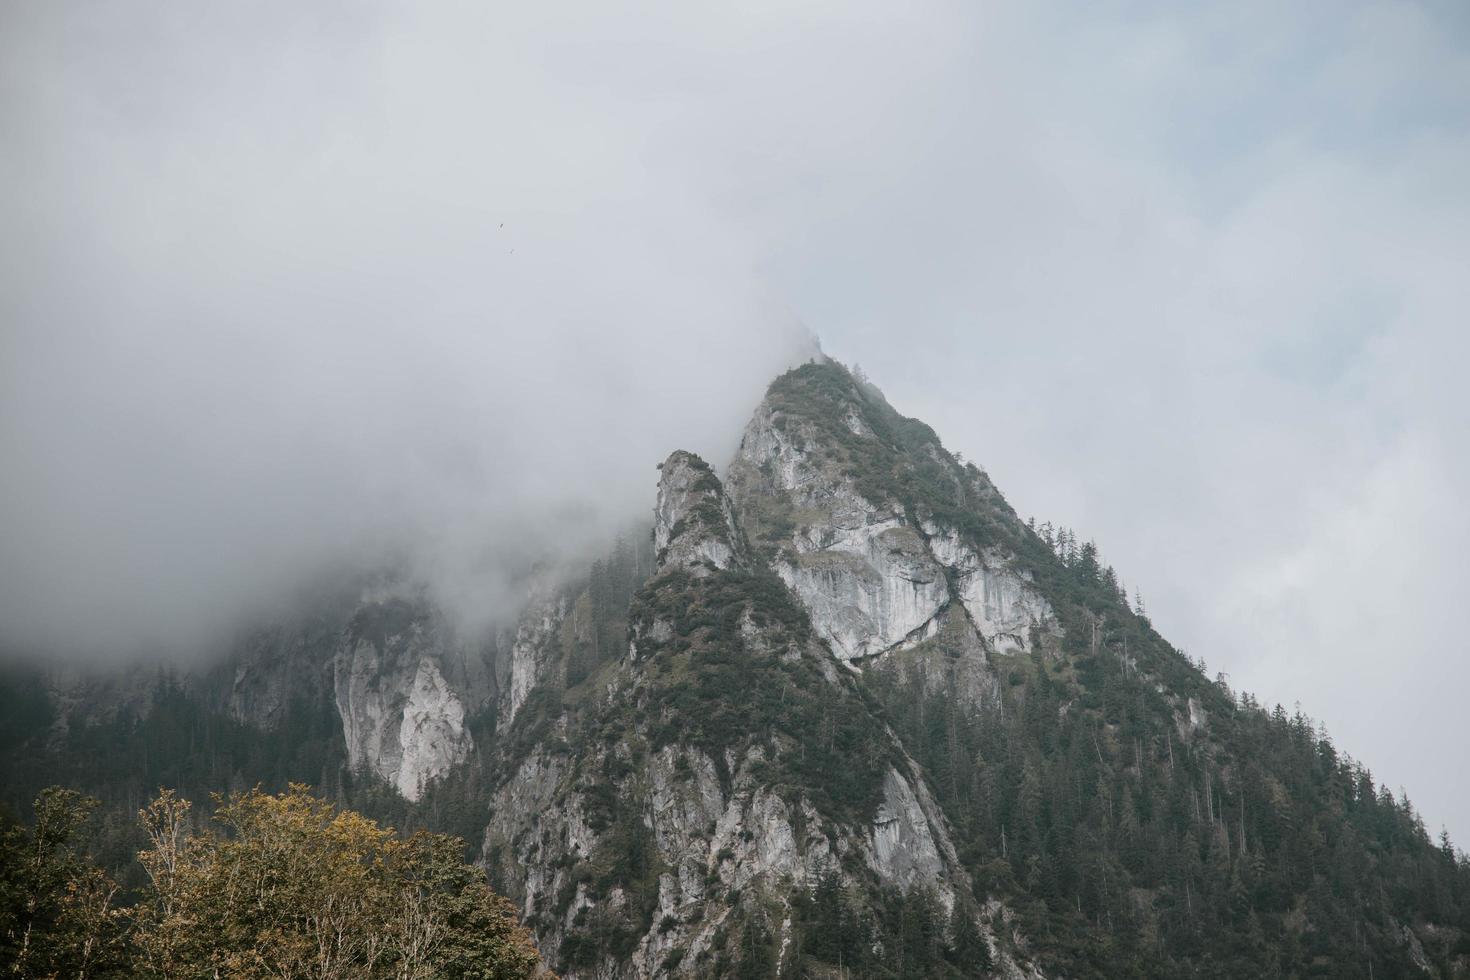 montaña rodeada de niebla foto